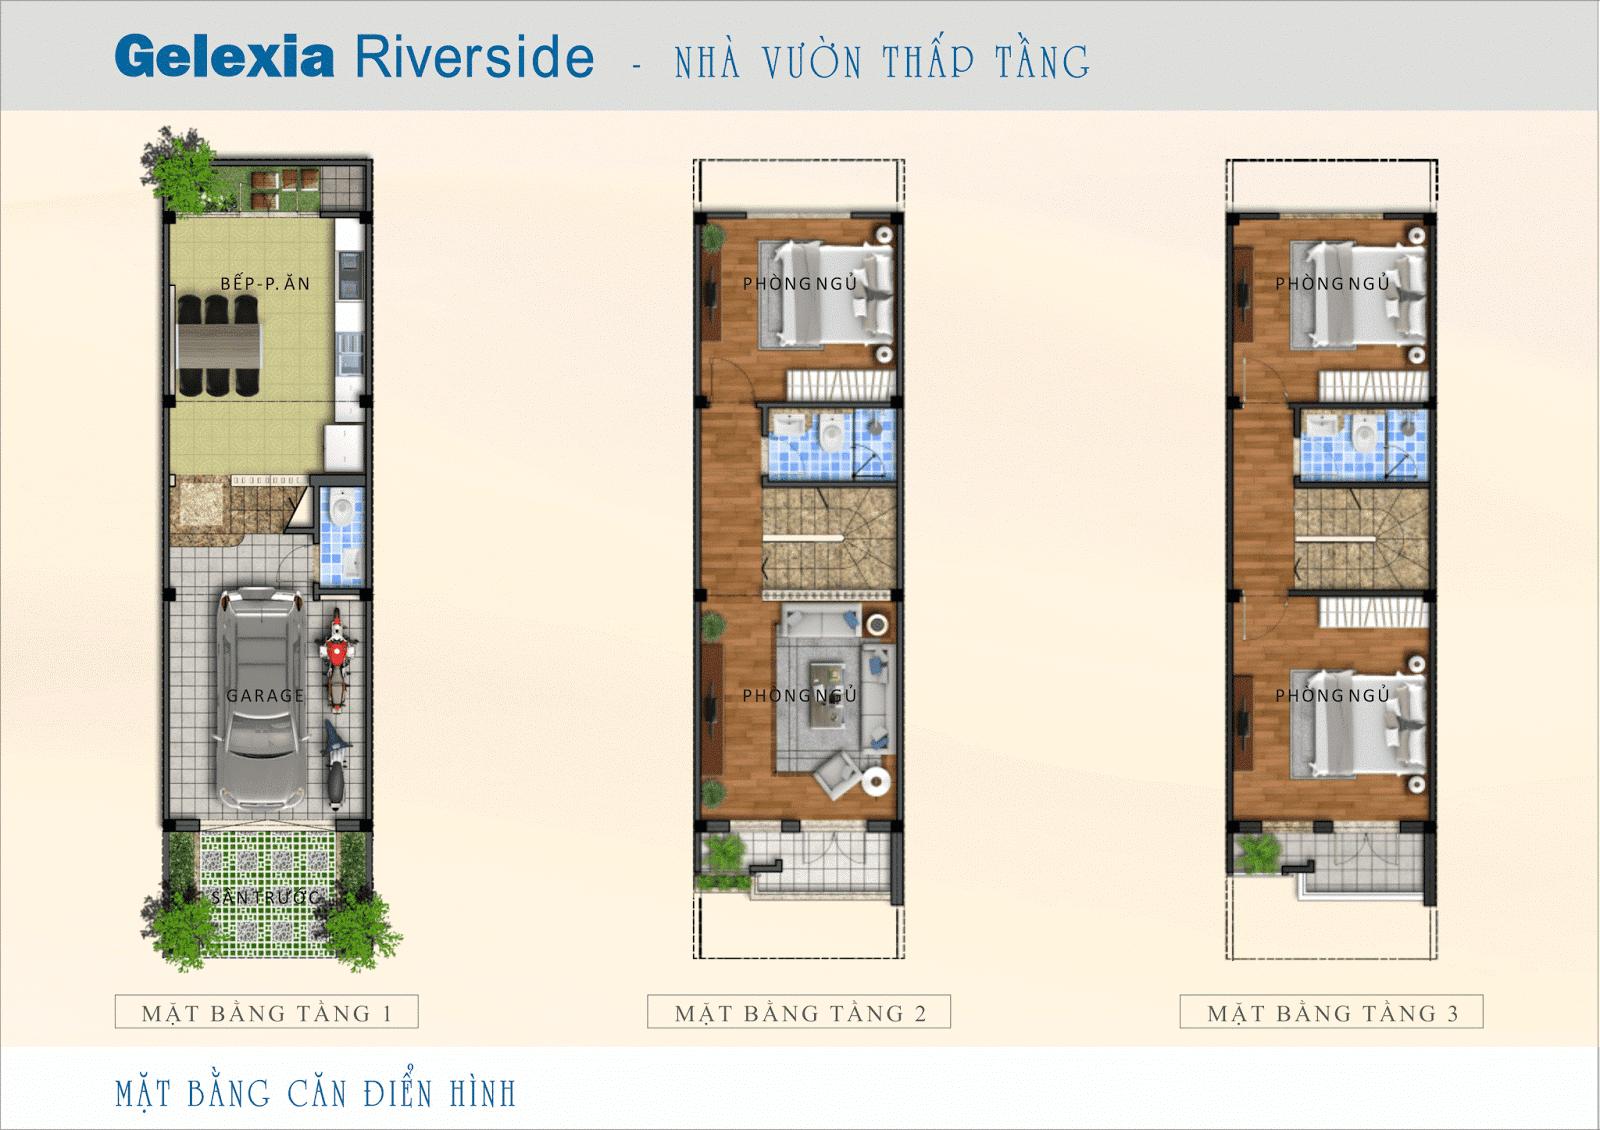 Mặt bằng điển hình nhà vườn đăng cấp Gelexia Riverside